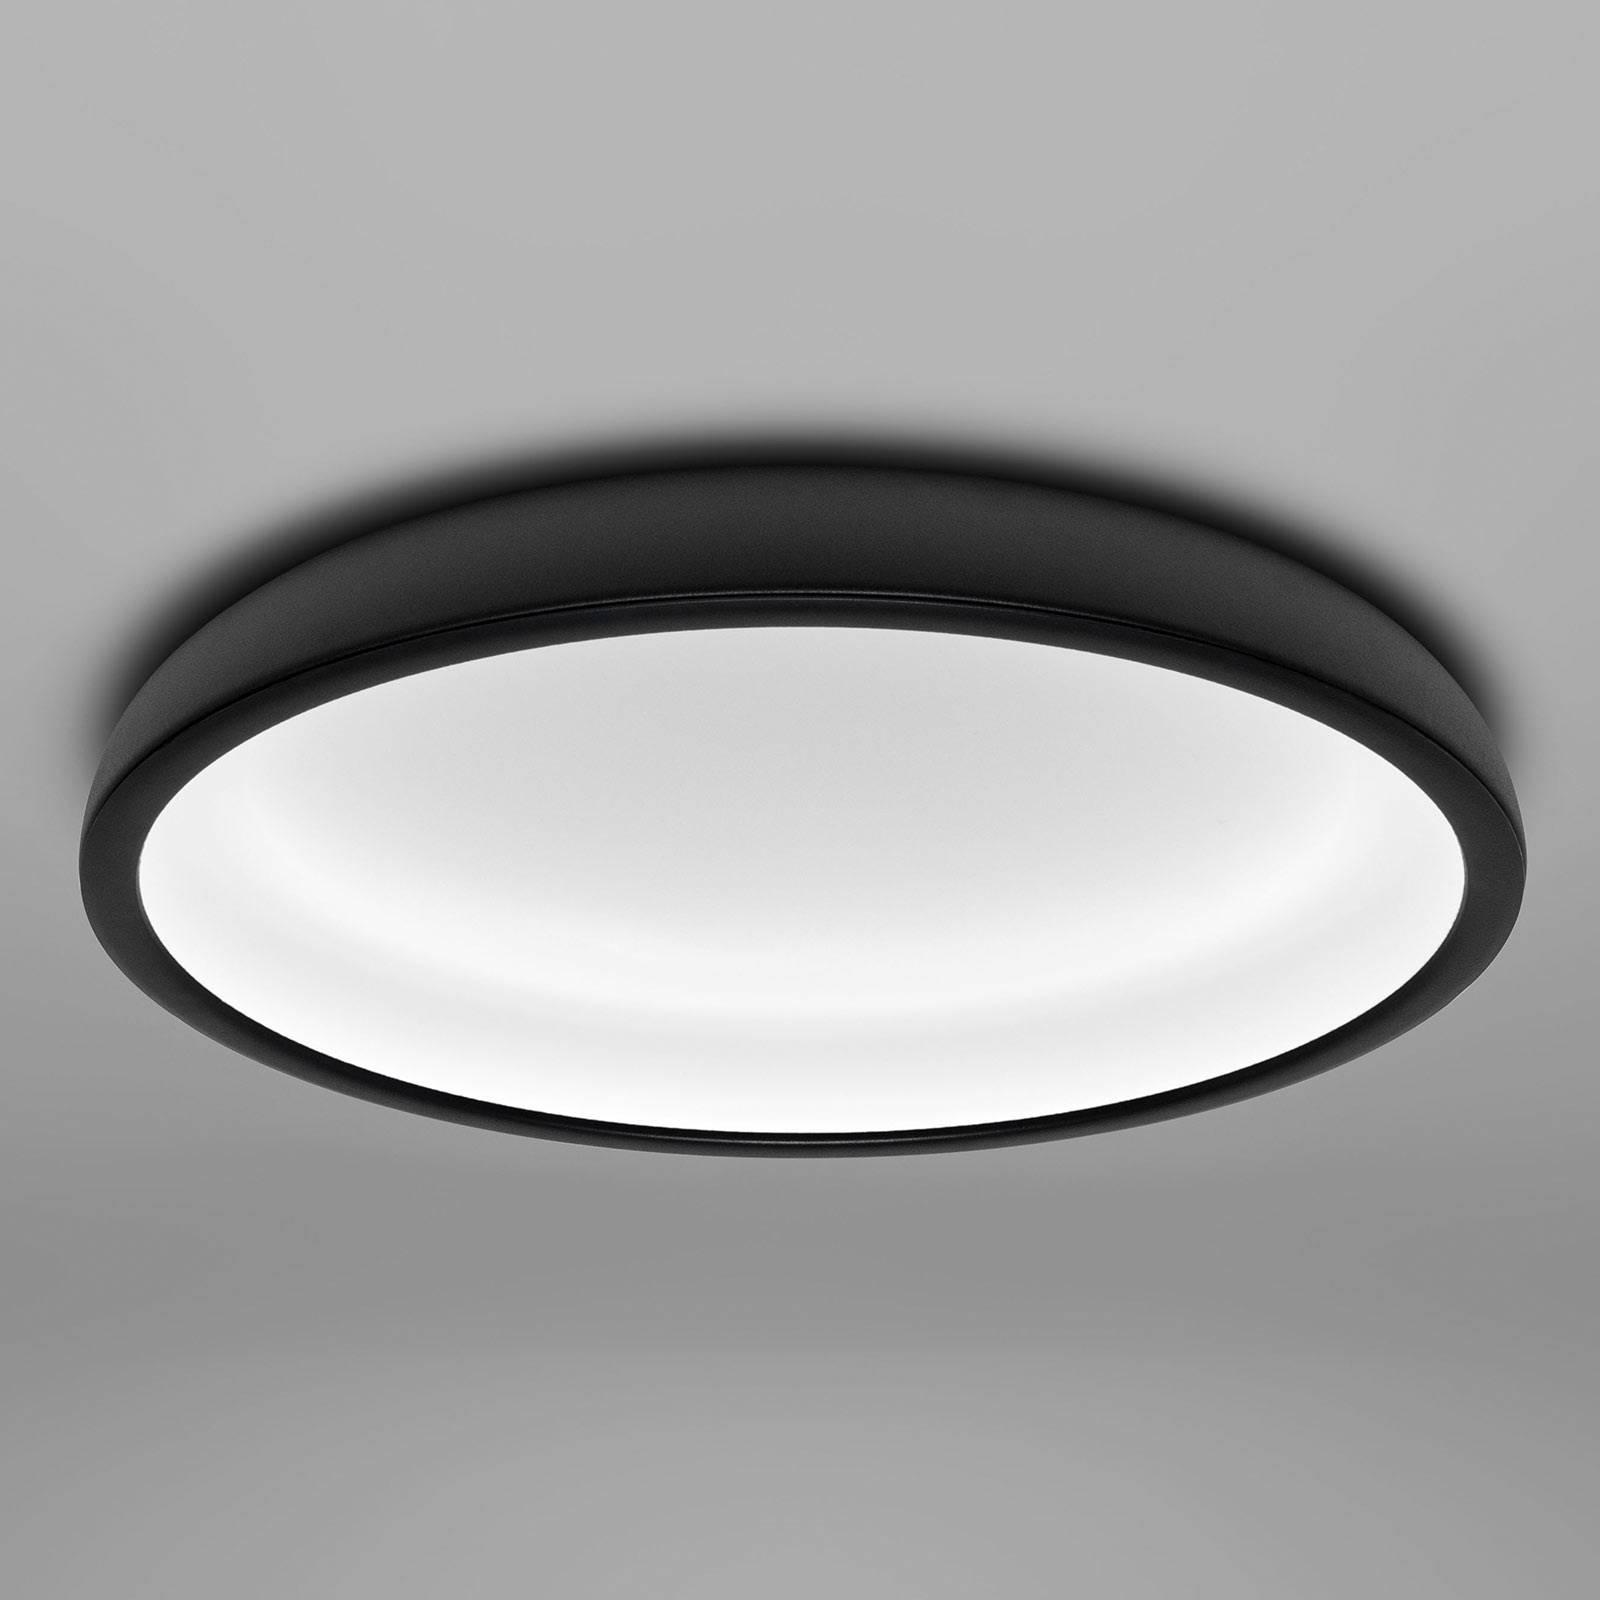 Lampa sufitowa LED Reflexio, Ø 46cm, czarna